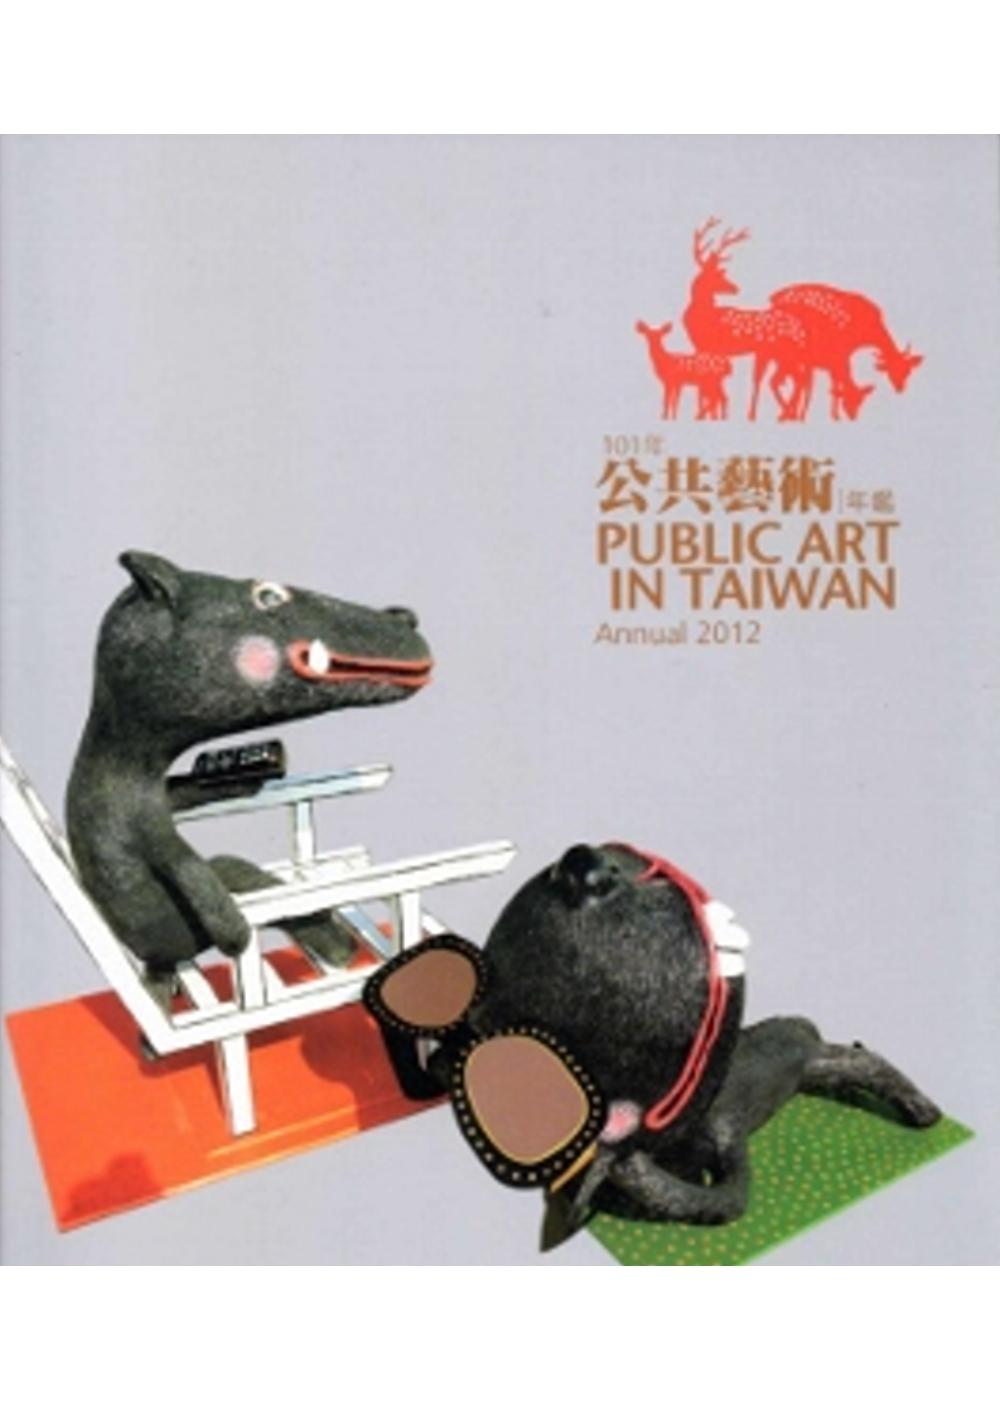 101年公共藝術年鑑 Public Art in Taiwan Annual 2012[附光碟]